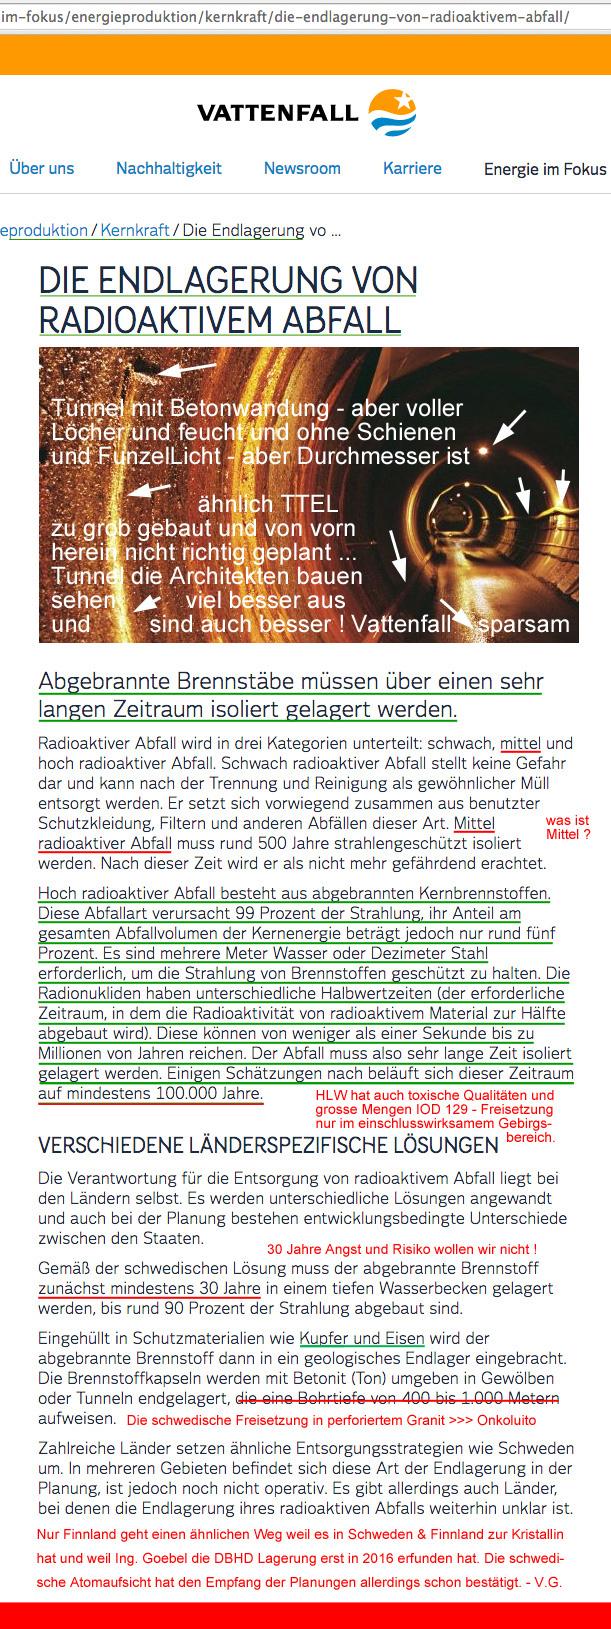 http://www.volker-goebel.biz/Vattenfall_kein_Geld_fuer_Tiefe_Freisetzung_wie_in_Finnland.jpg